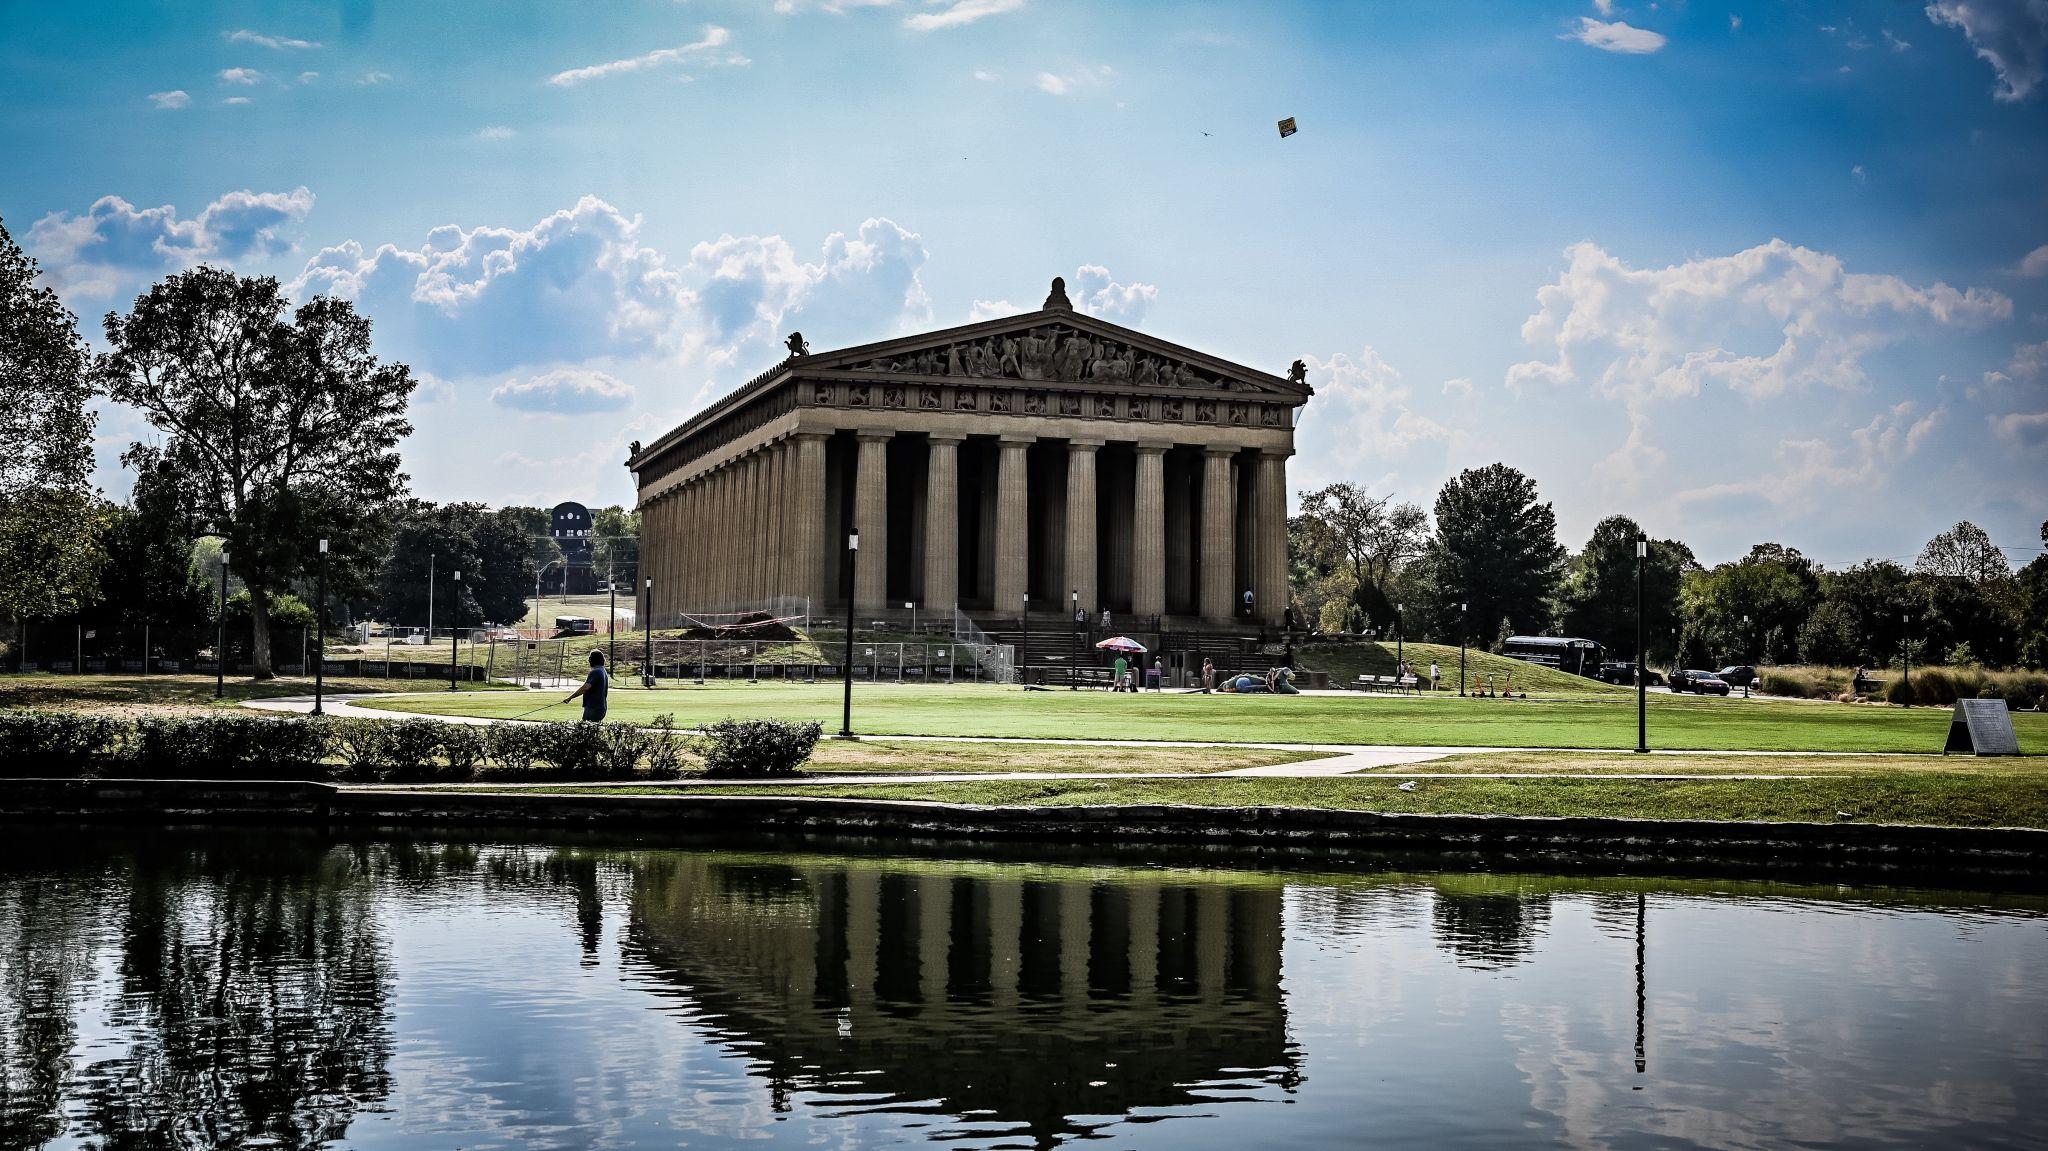 The Parthenon, USA